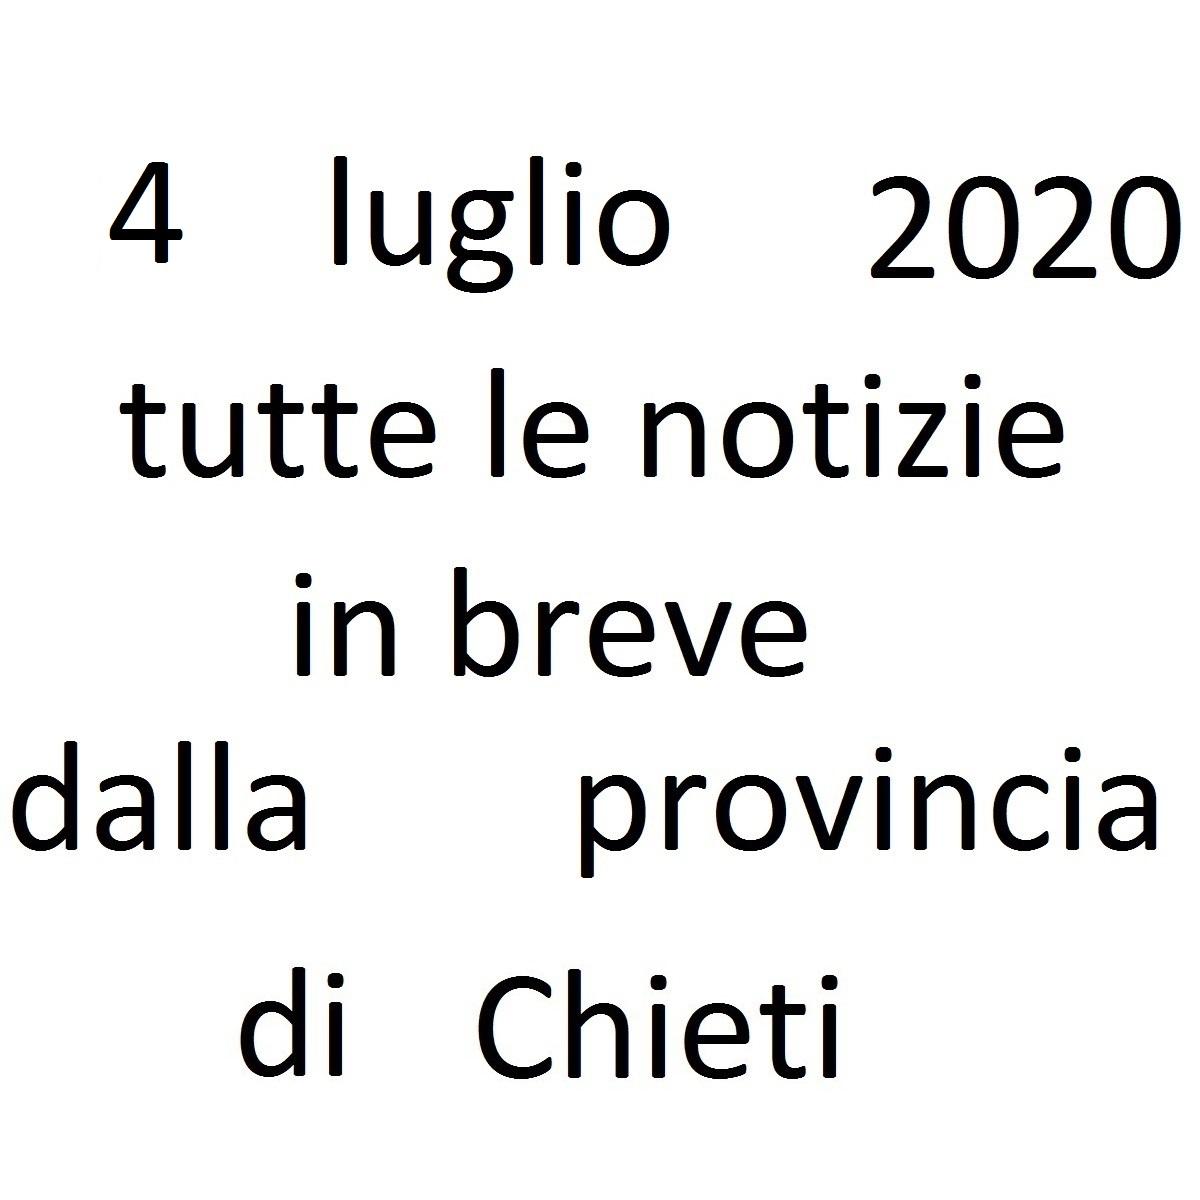 4 luglio 2020 notizie in breve dalla Provincia di Chieti foto